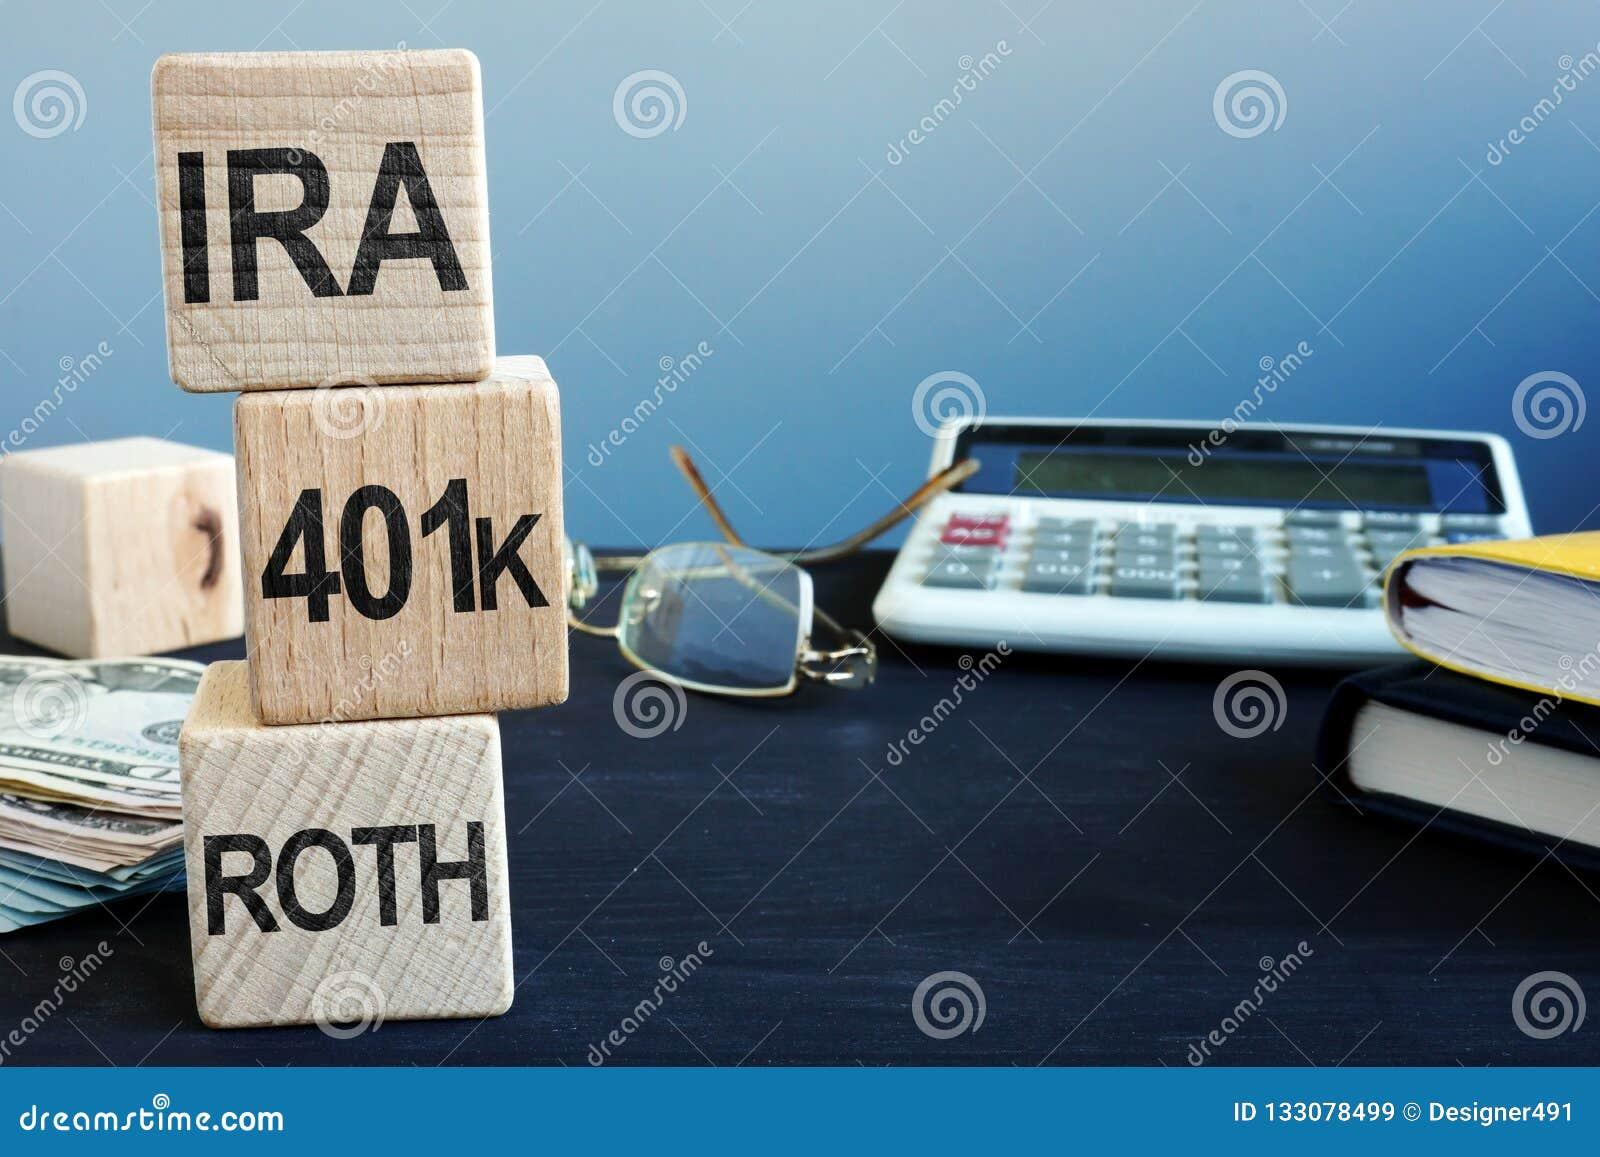 Cubi con le parole IRA, 401k e ROTH Piano pensionistico